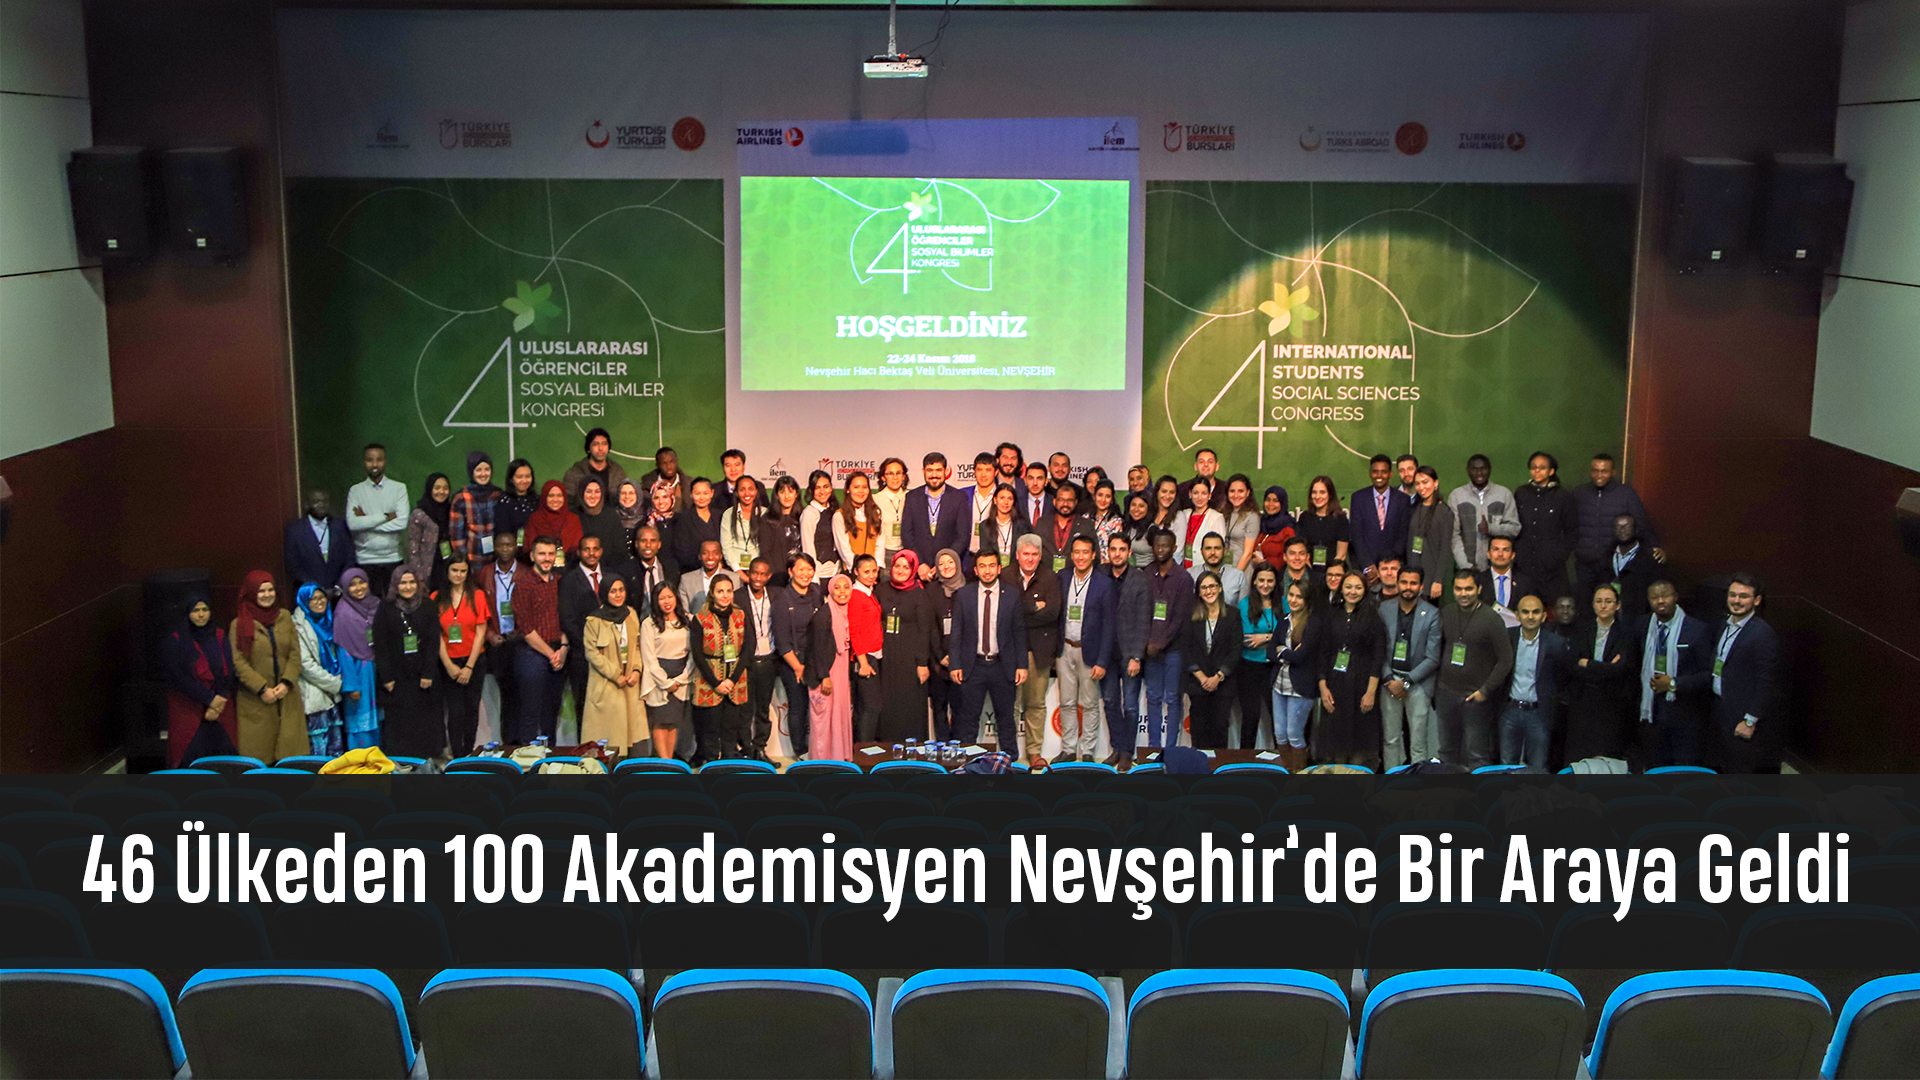 46 Ülkeden 100 Akademisyen Nevşehir'de Bir Araya Geldi